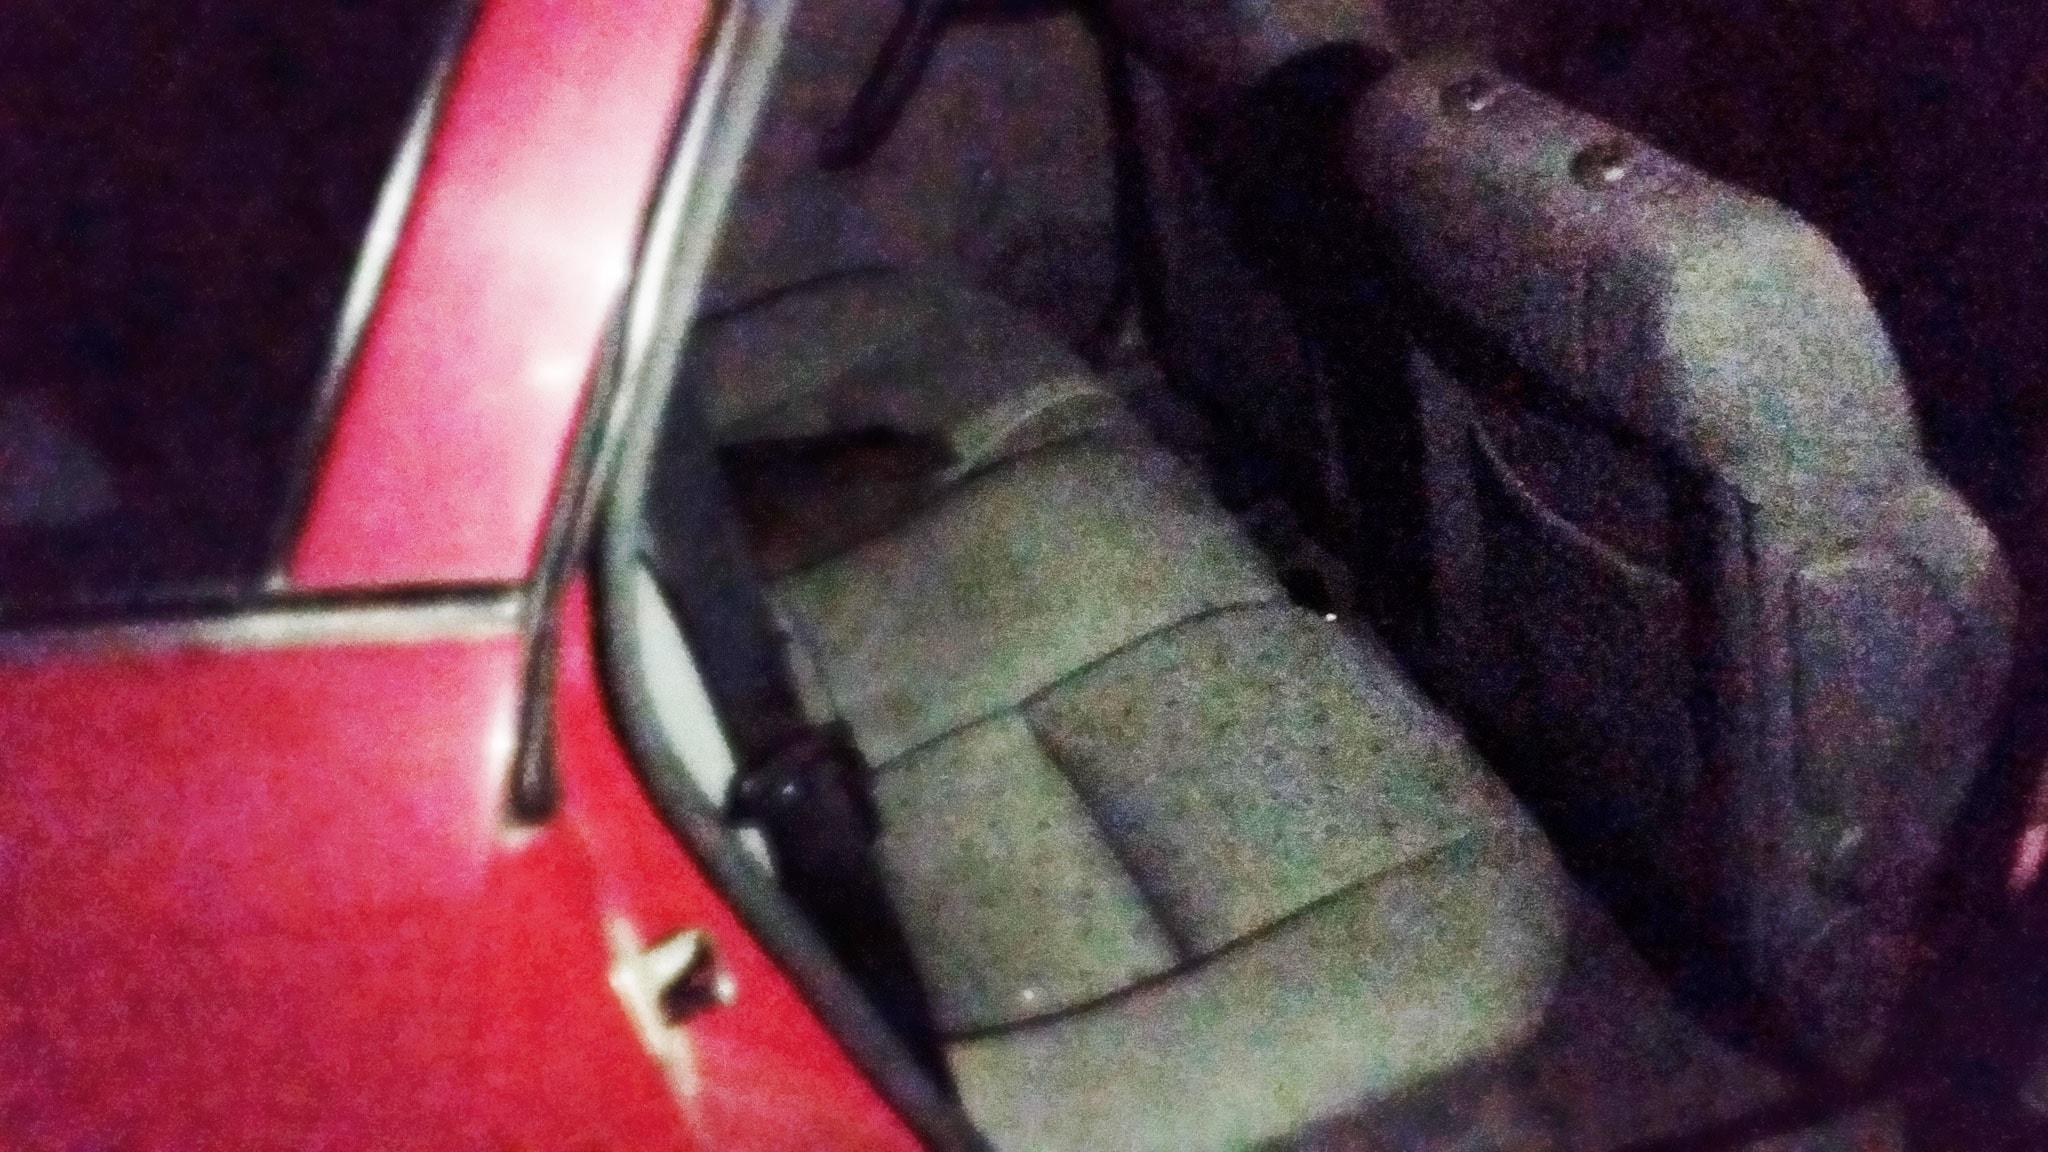 Hamid bor i en röd skrotbil